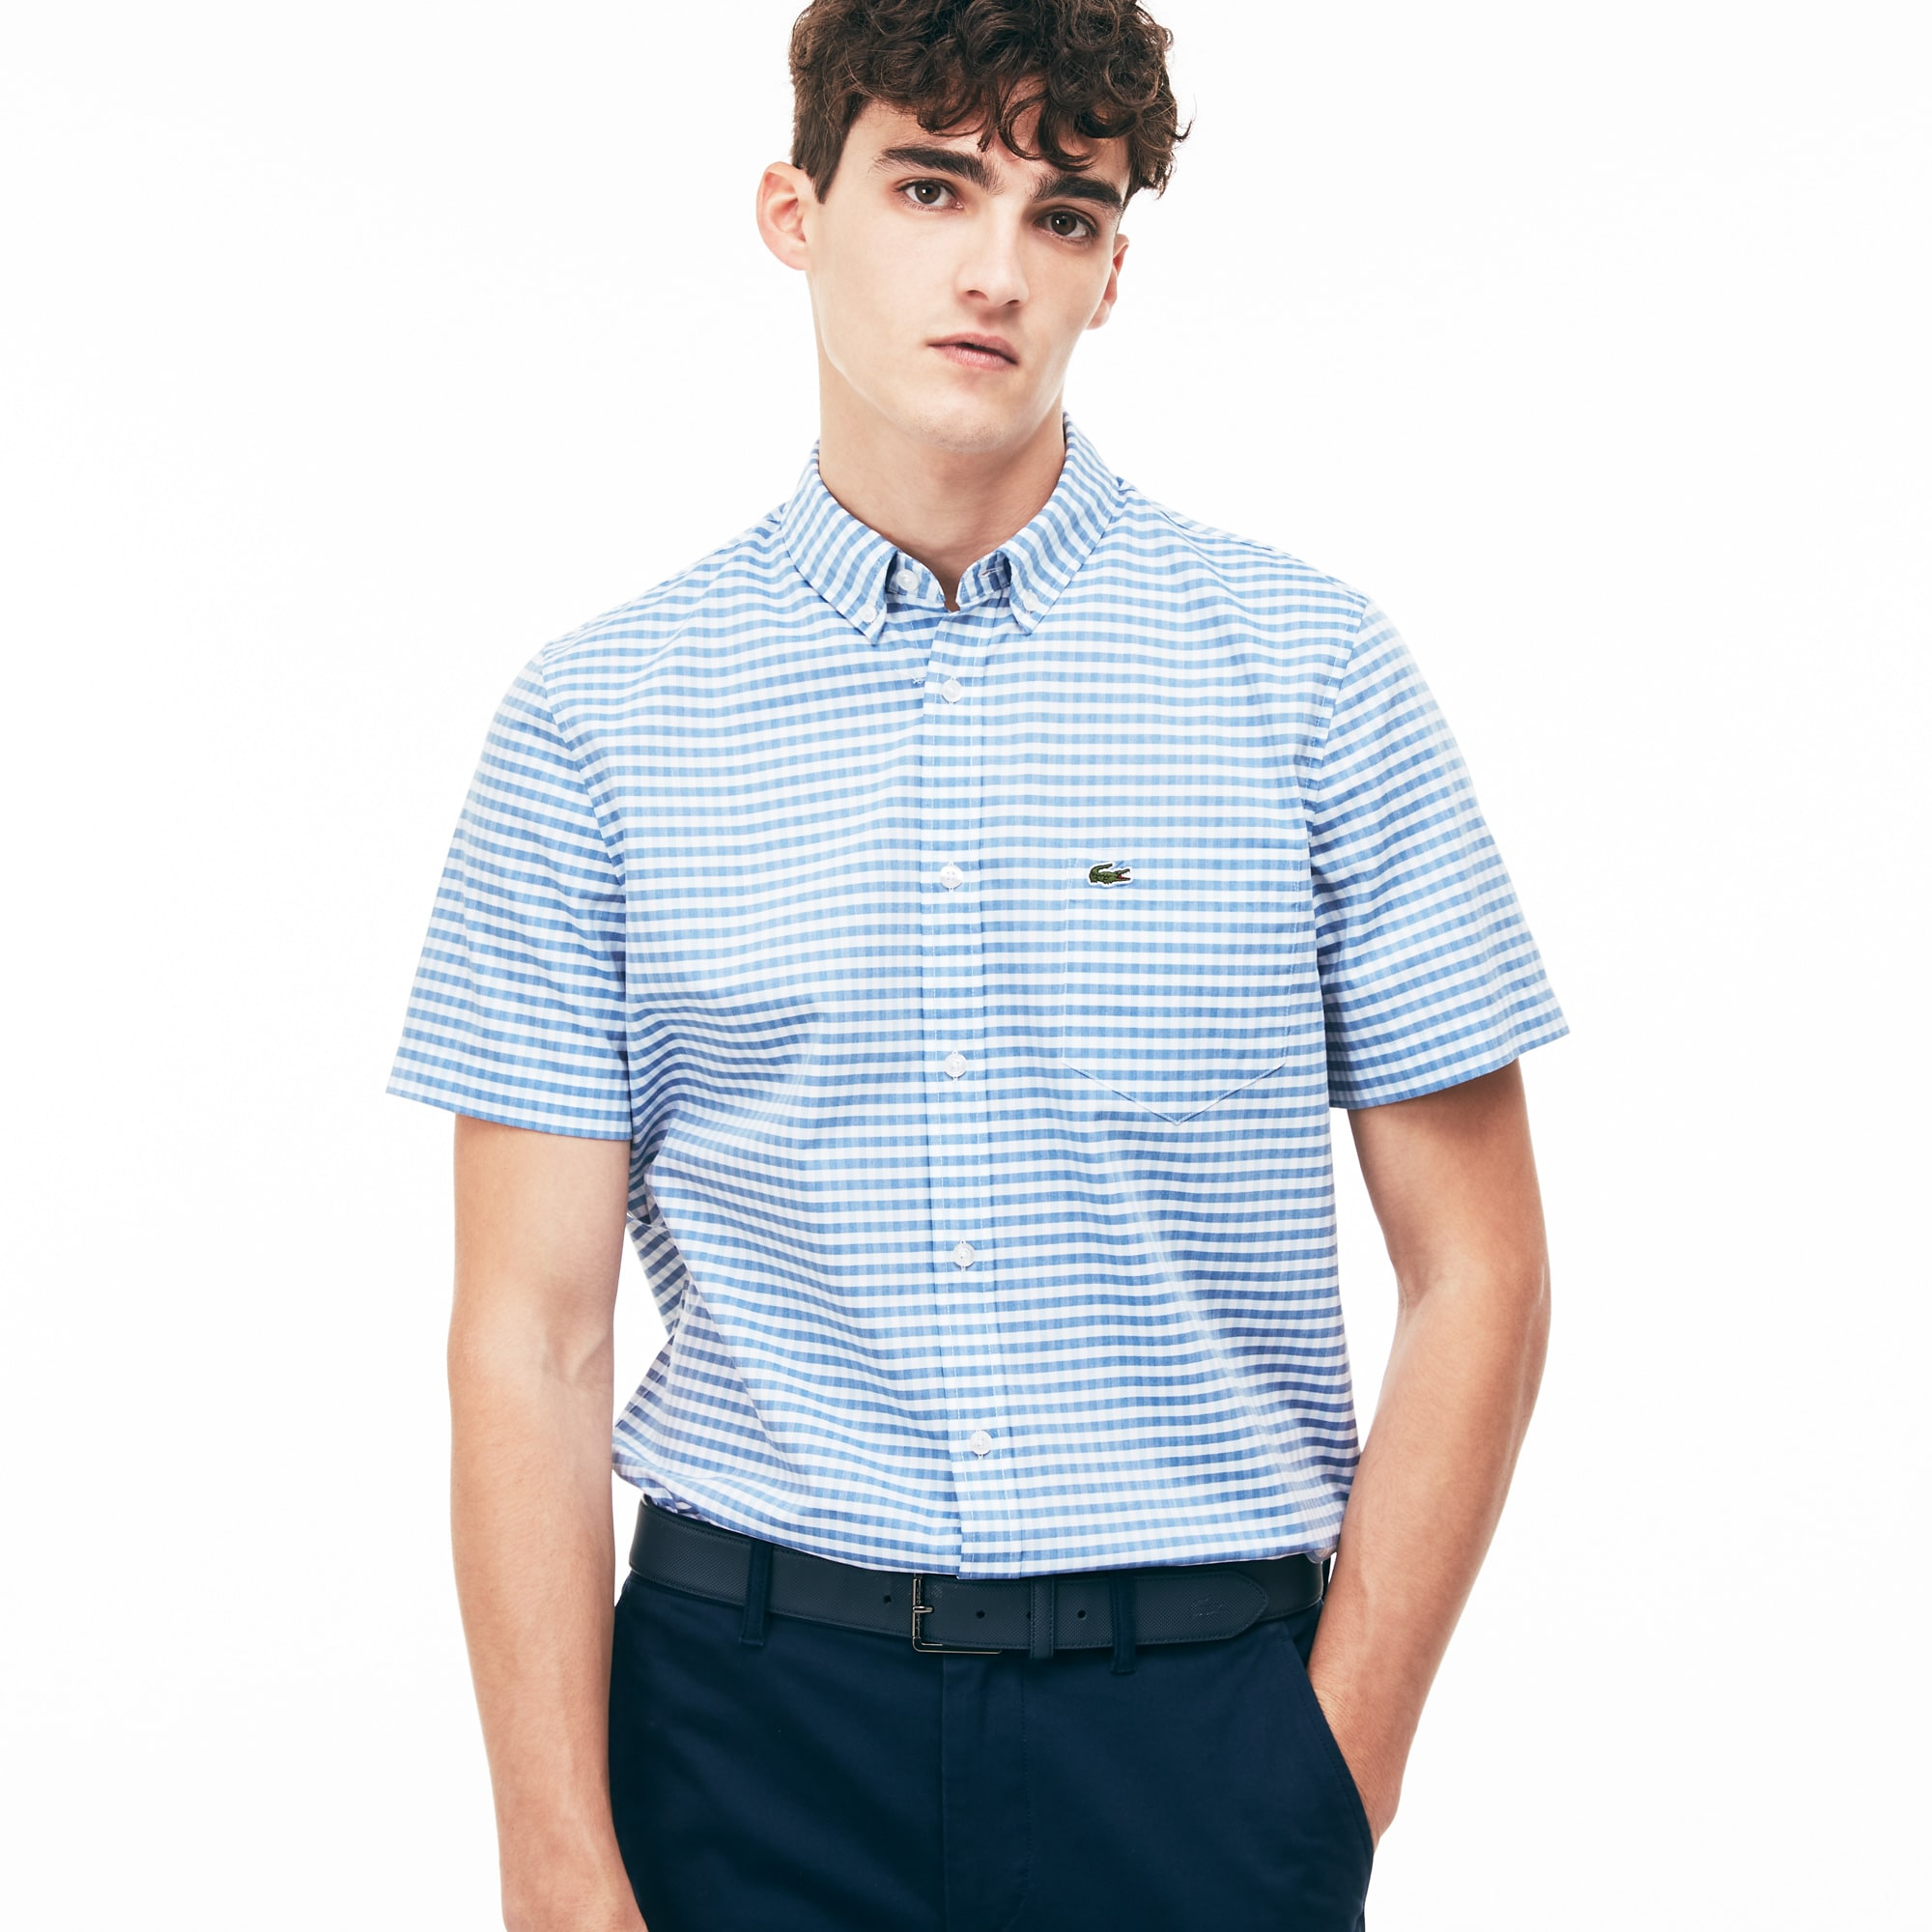 Regular Fit Herren-Hemd aus Popeline mit Vichy-Muster